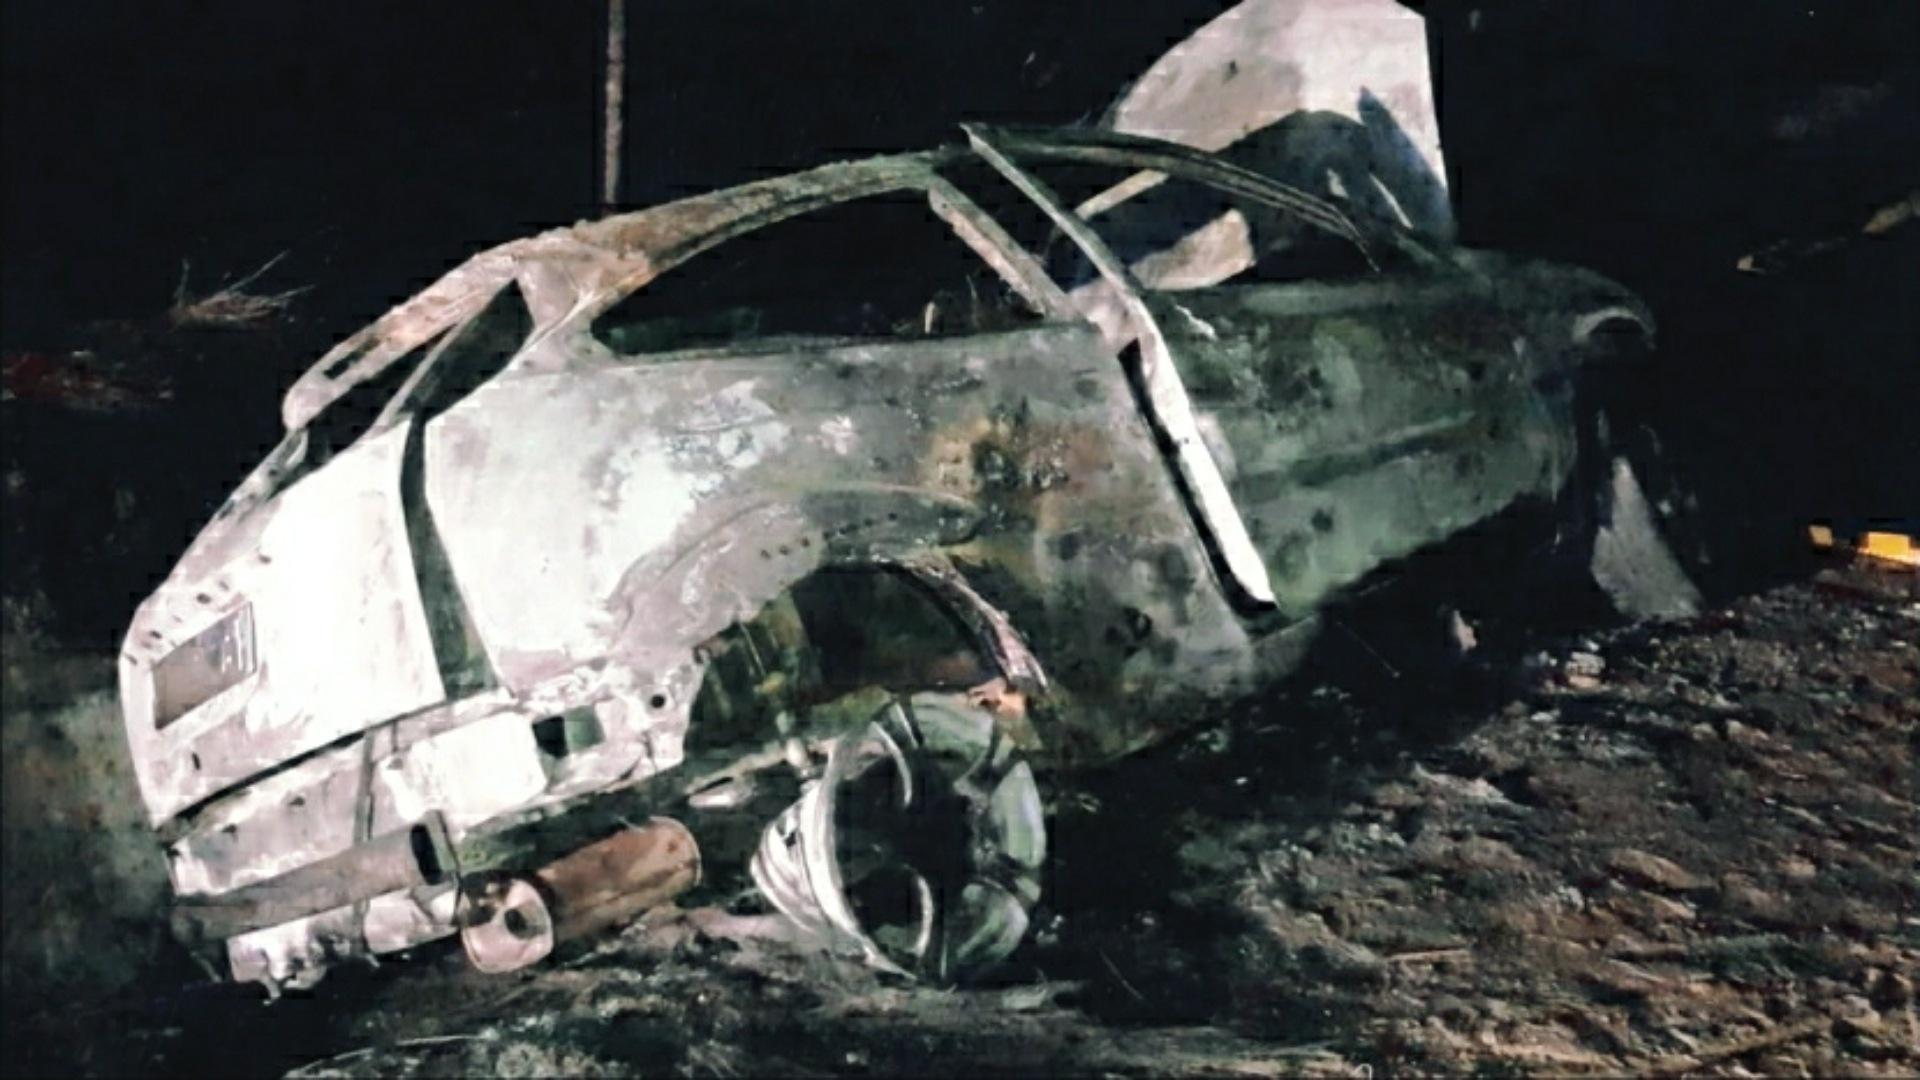 Update: Mașină în flăcări, după un accident în Bacău, un bărbat găsit carbonizat!